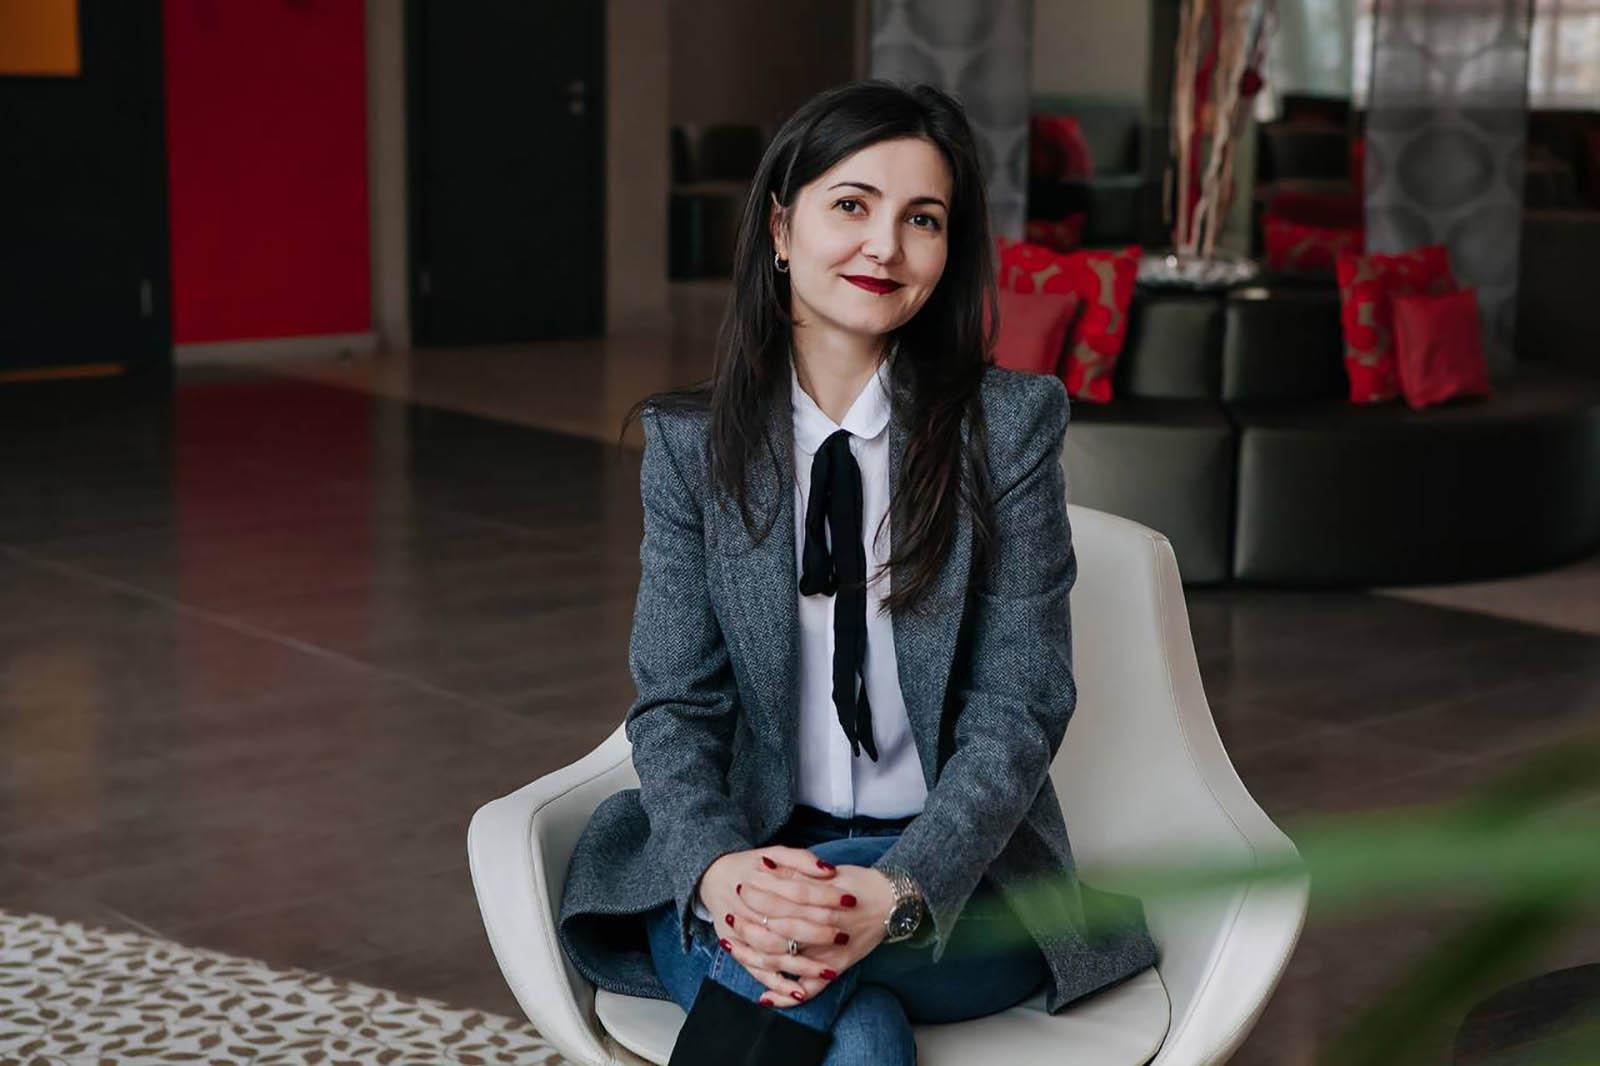 Юлия Михайлычева - эксперт по налогам для малого бизнеса